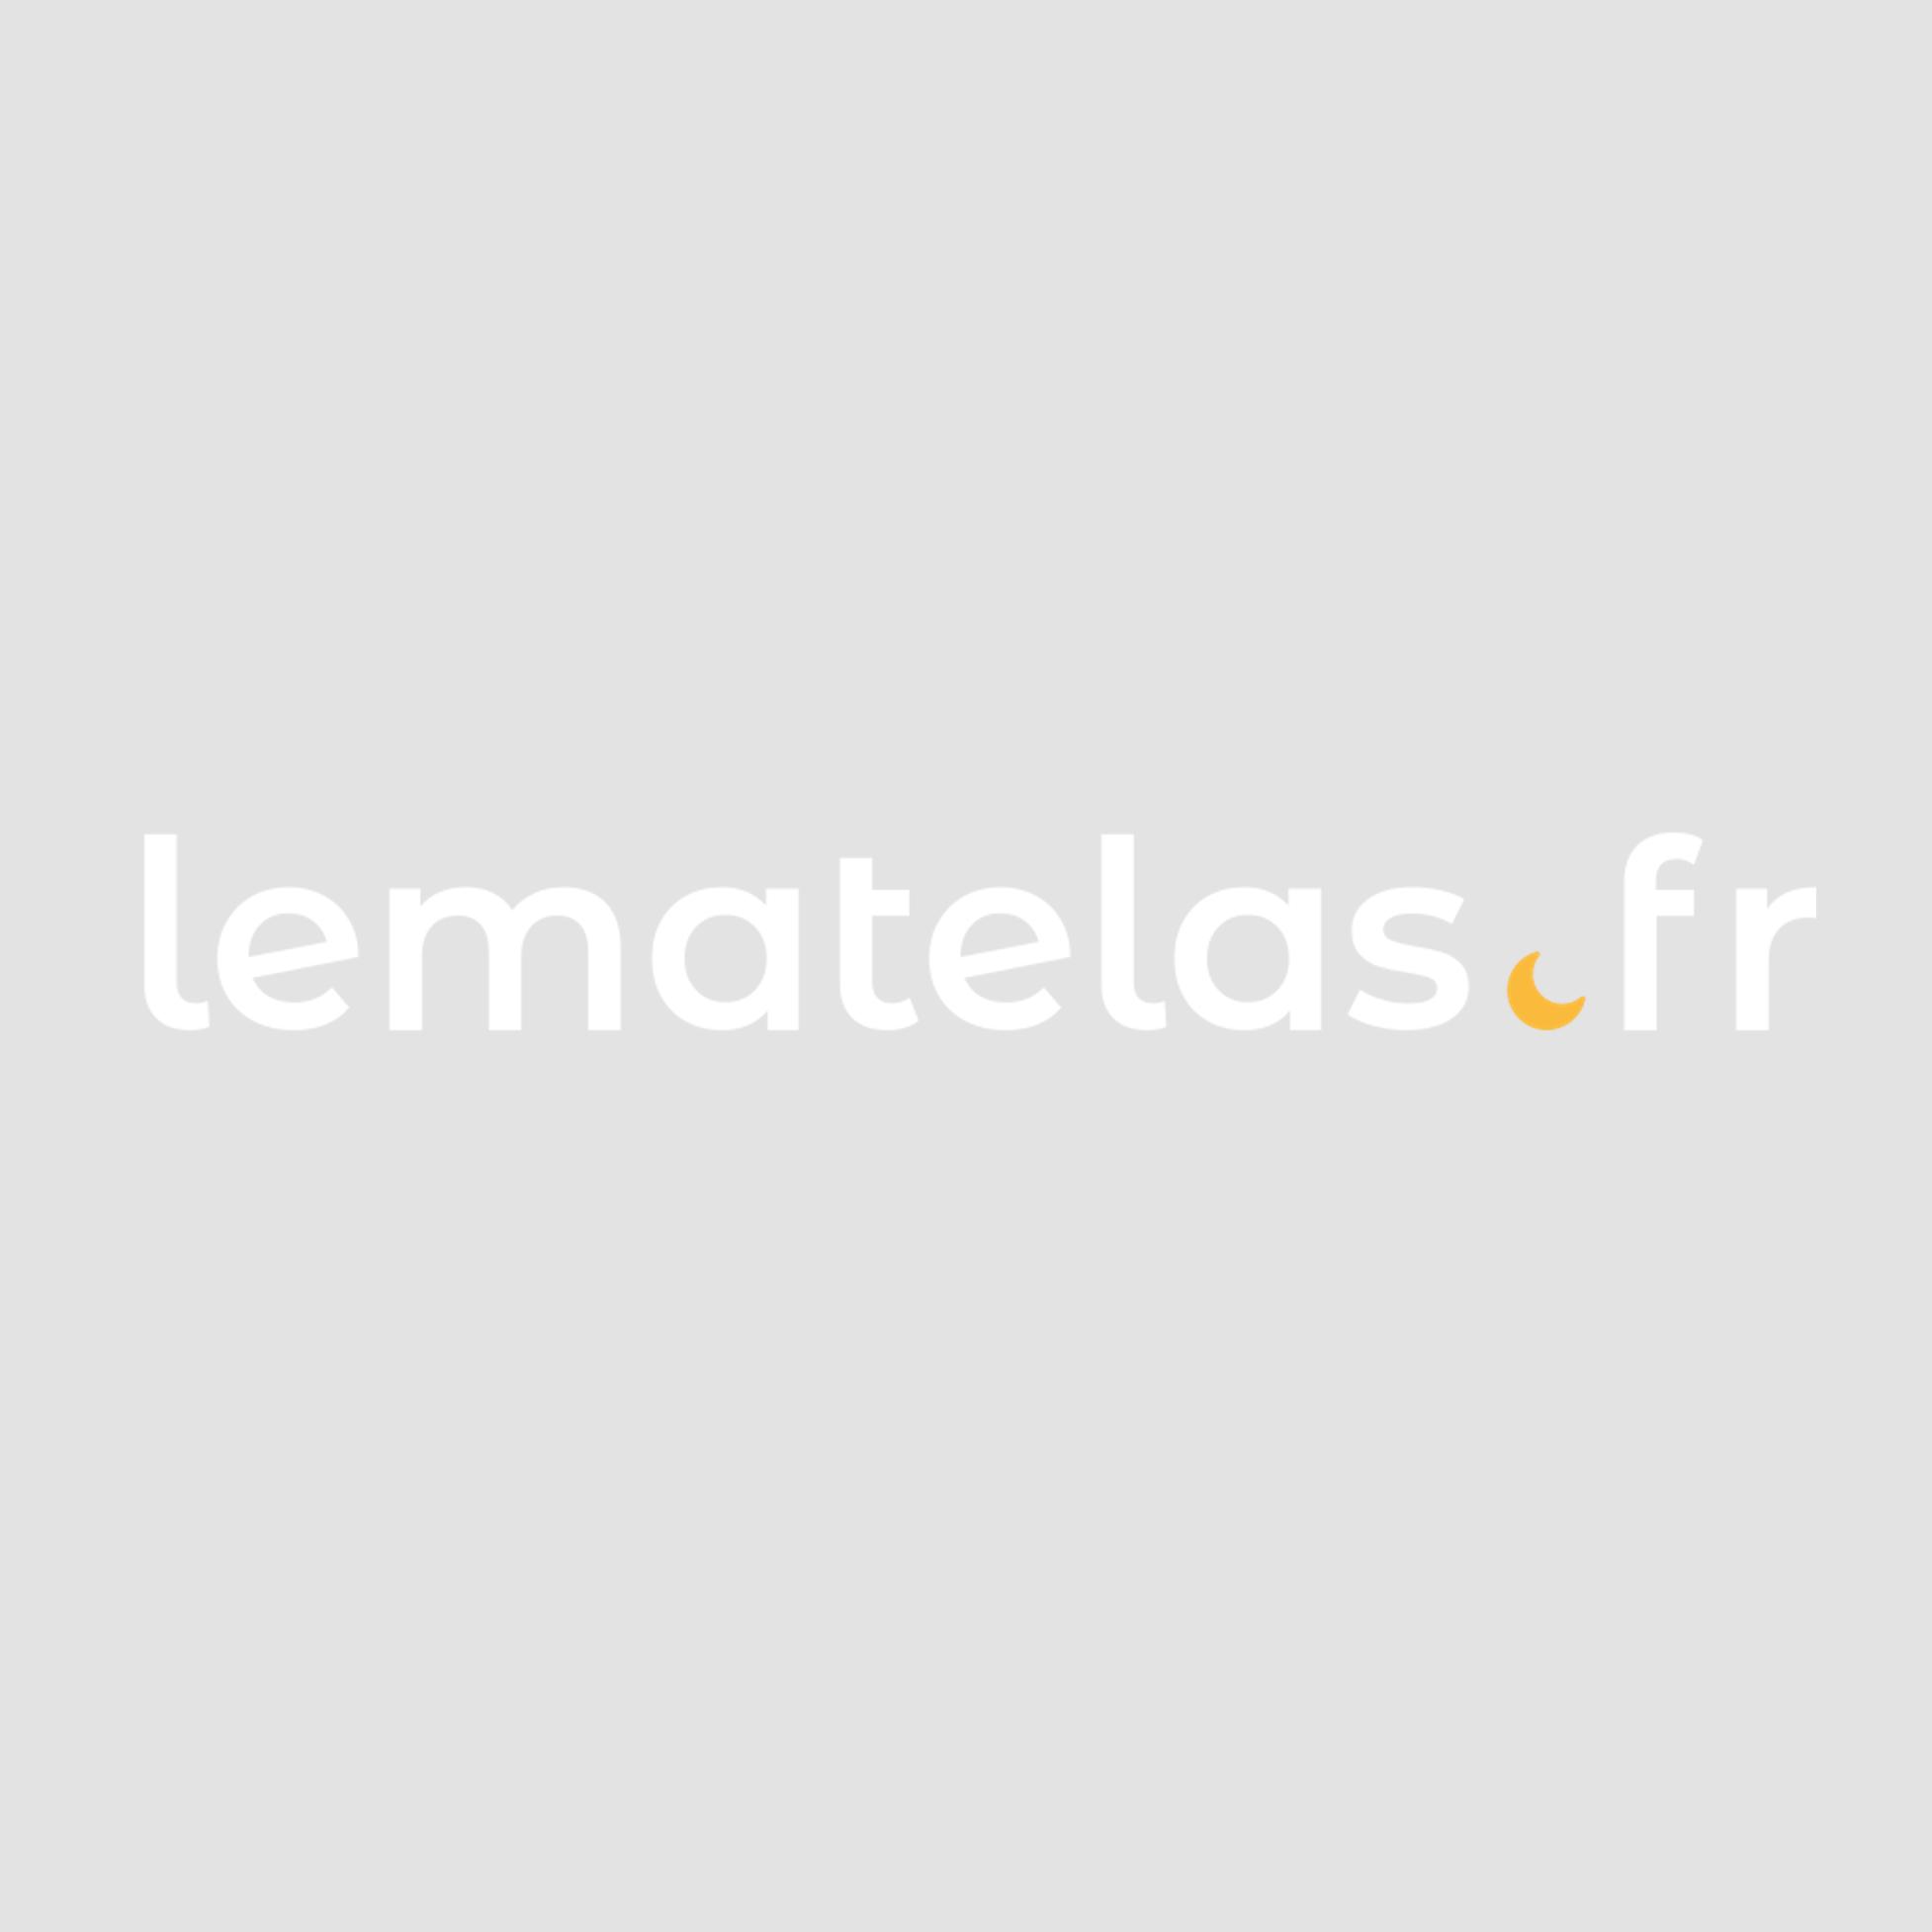 Chambre complète enfant en bois gris et blanc - CB5026-1